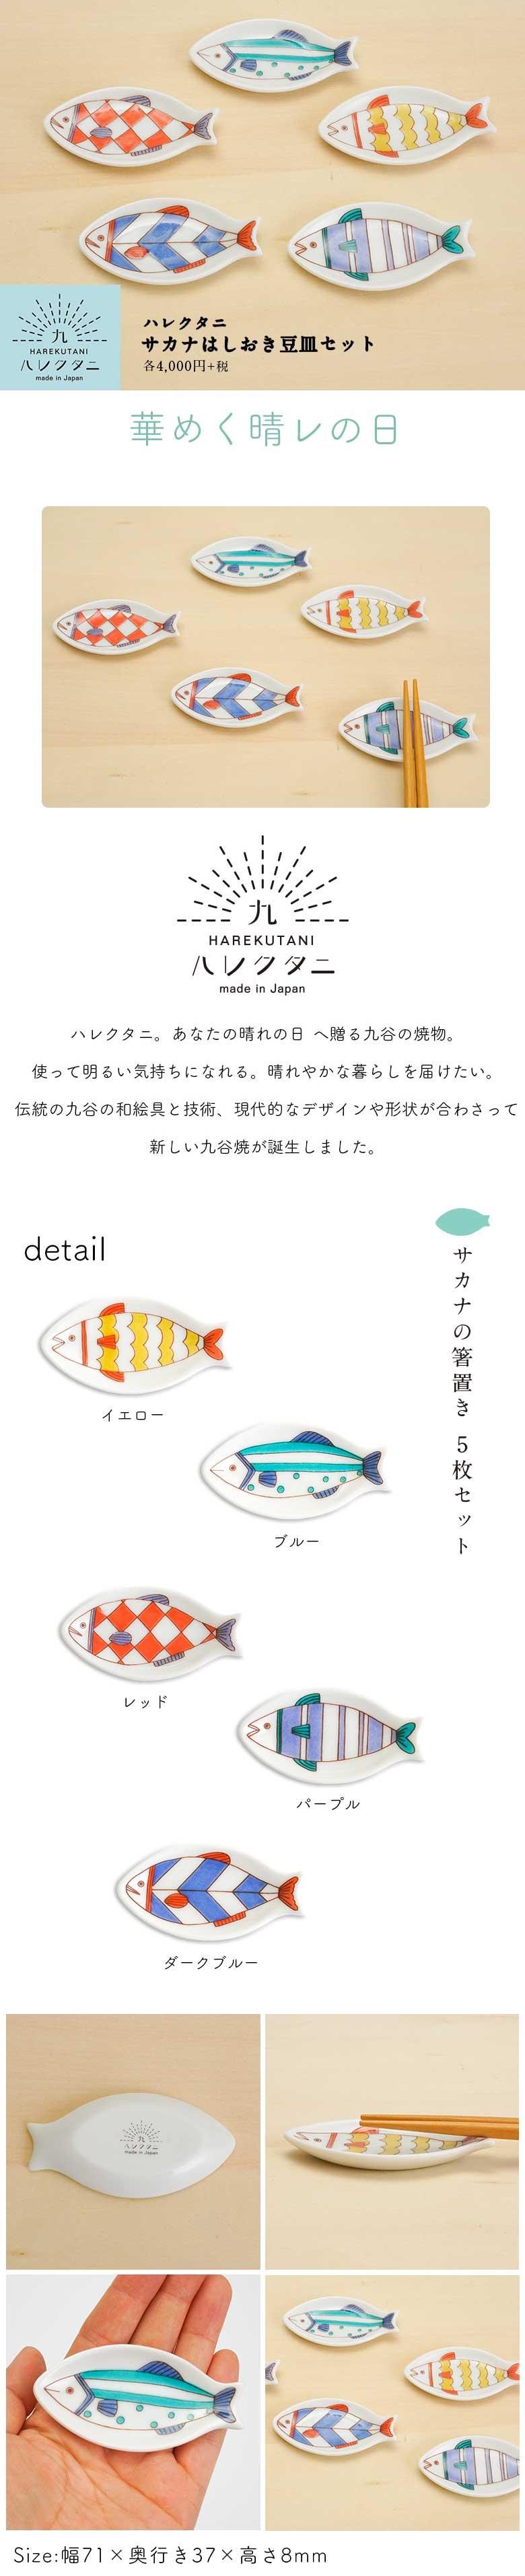 【九谷焼】サカナはしおき豆皿 5枚セット/ハレクタニ